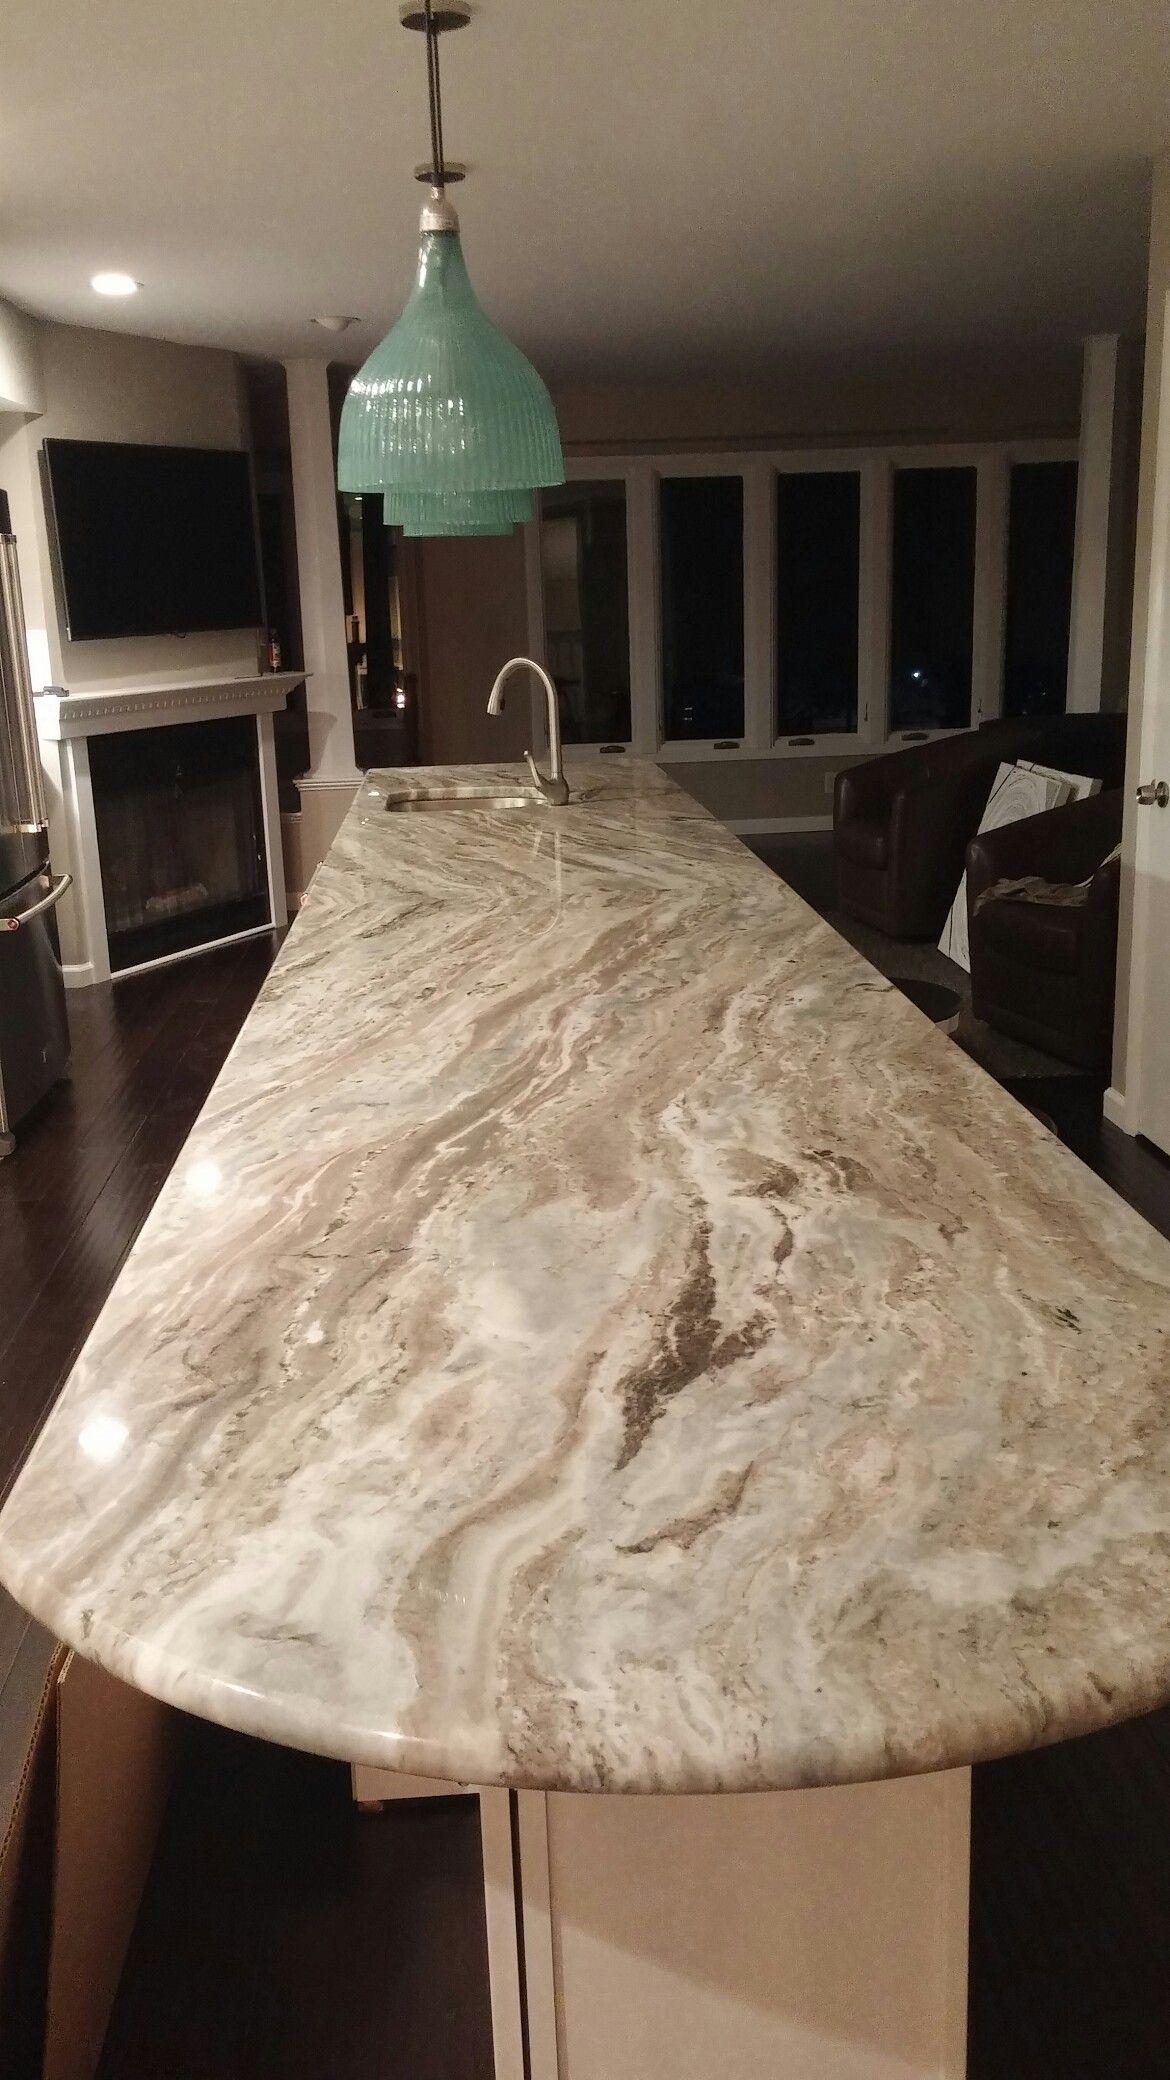 Countertops are fantasy brown granite the backsplash is marble - Fantasy Brown Granite 17 Feet Long